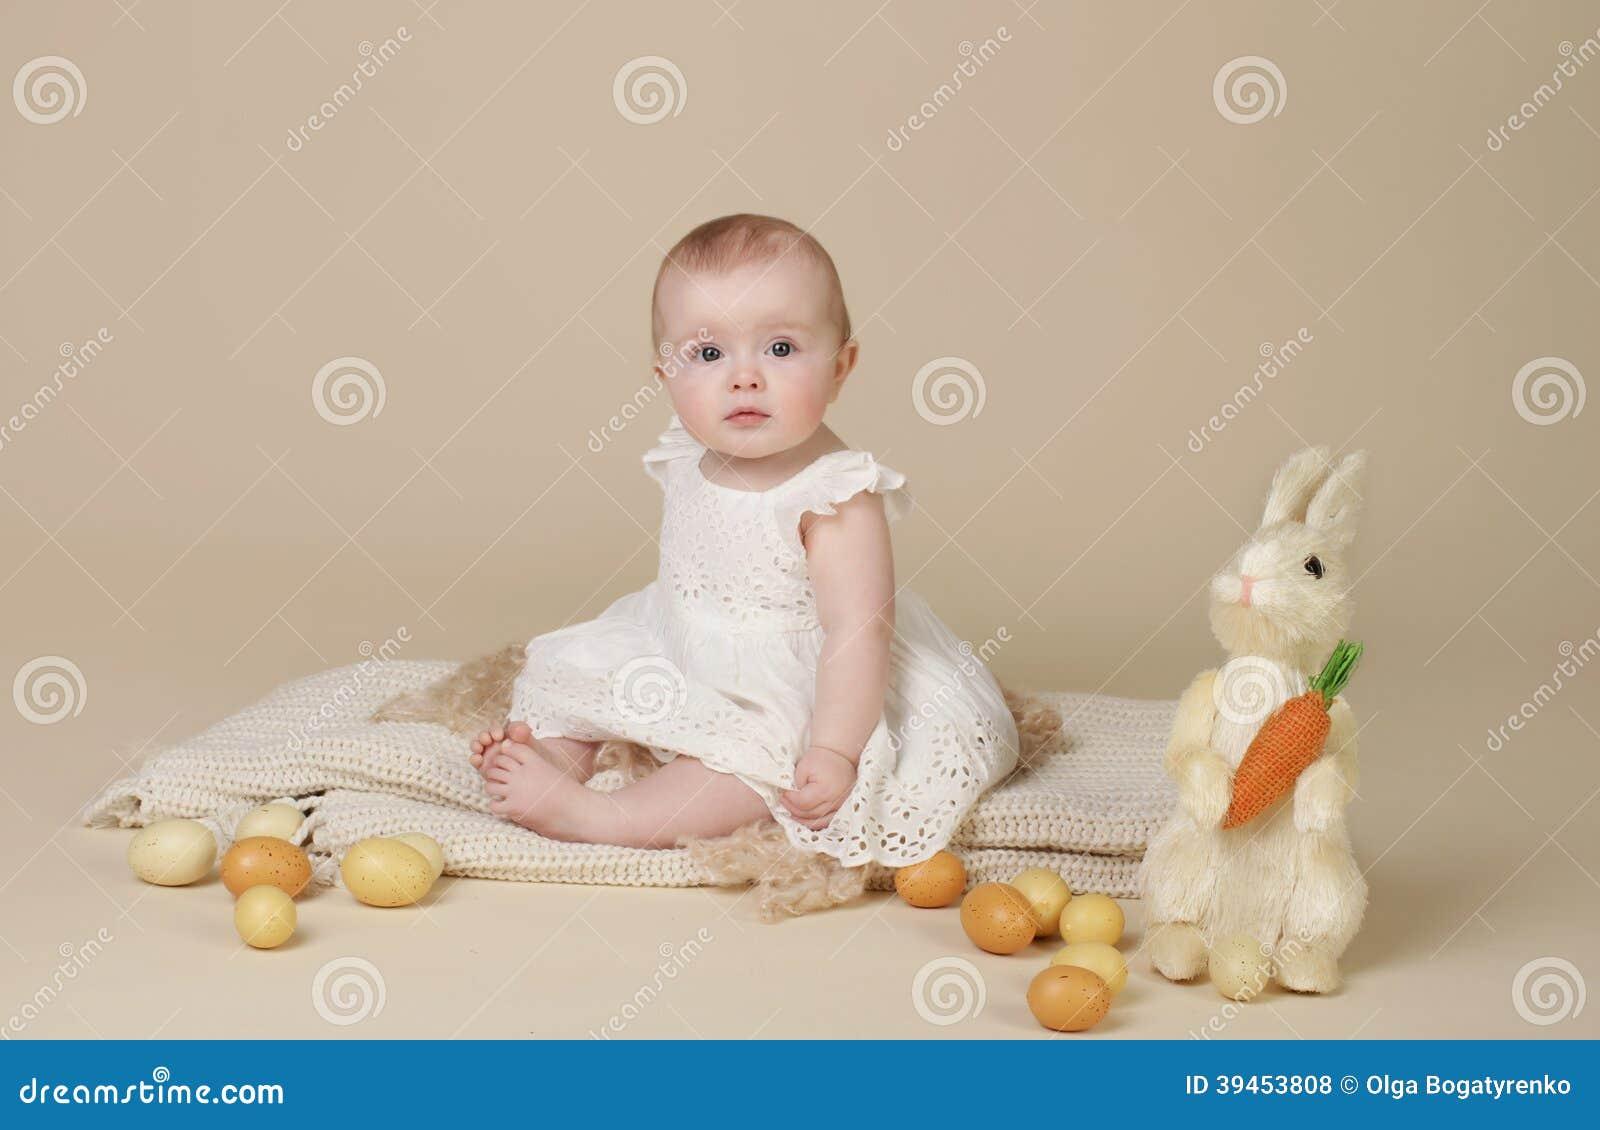 Baby Ostern Bunny Eggs Stockfoto Bild Von Schön Angekleidet 39453808